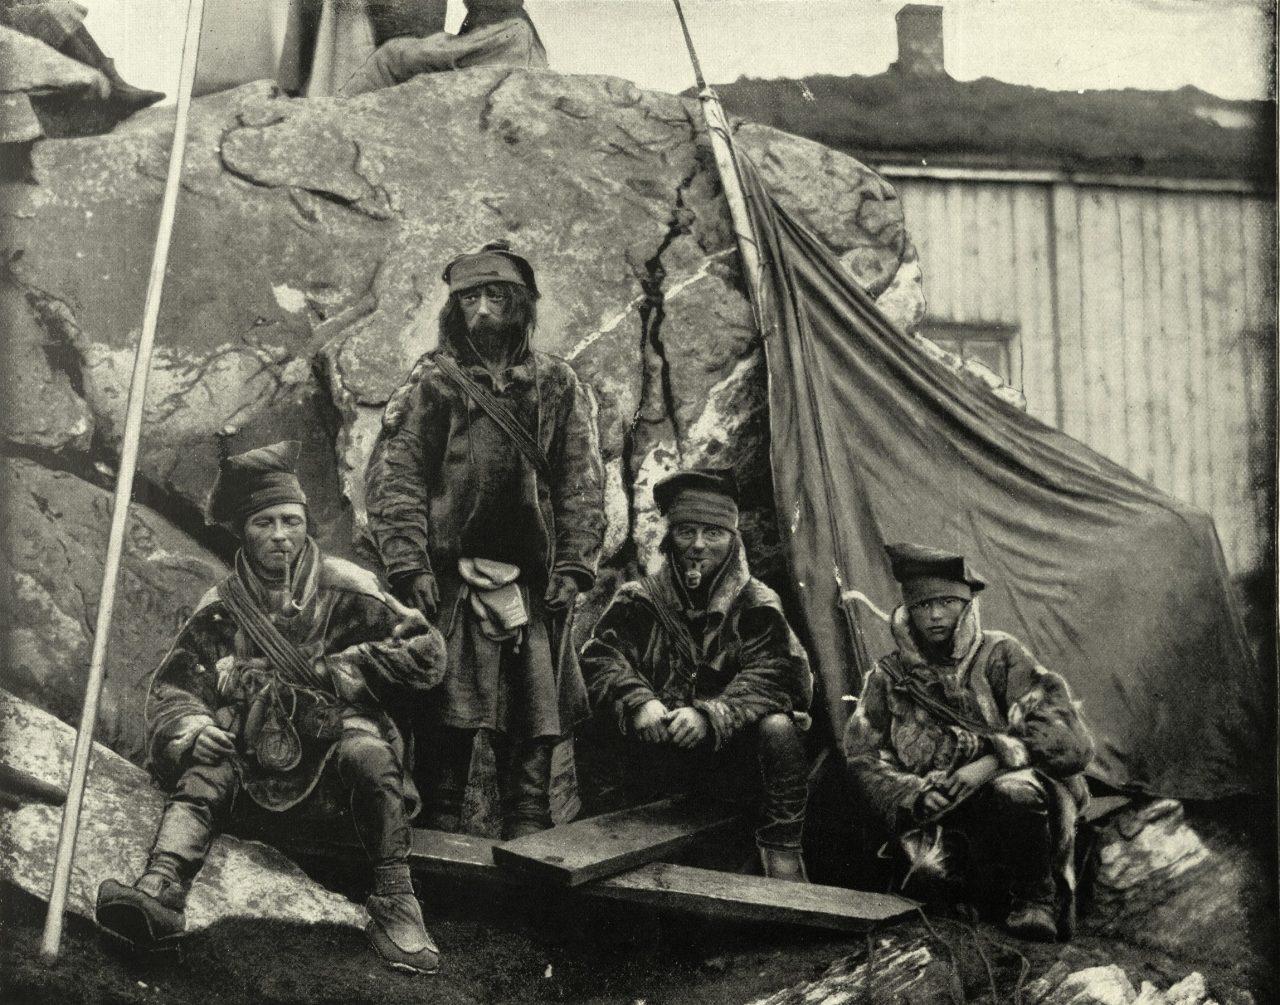 Bilde fra 1800-tallet av samer i Norge